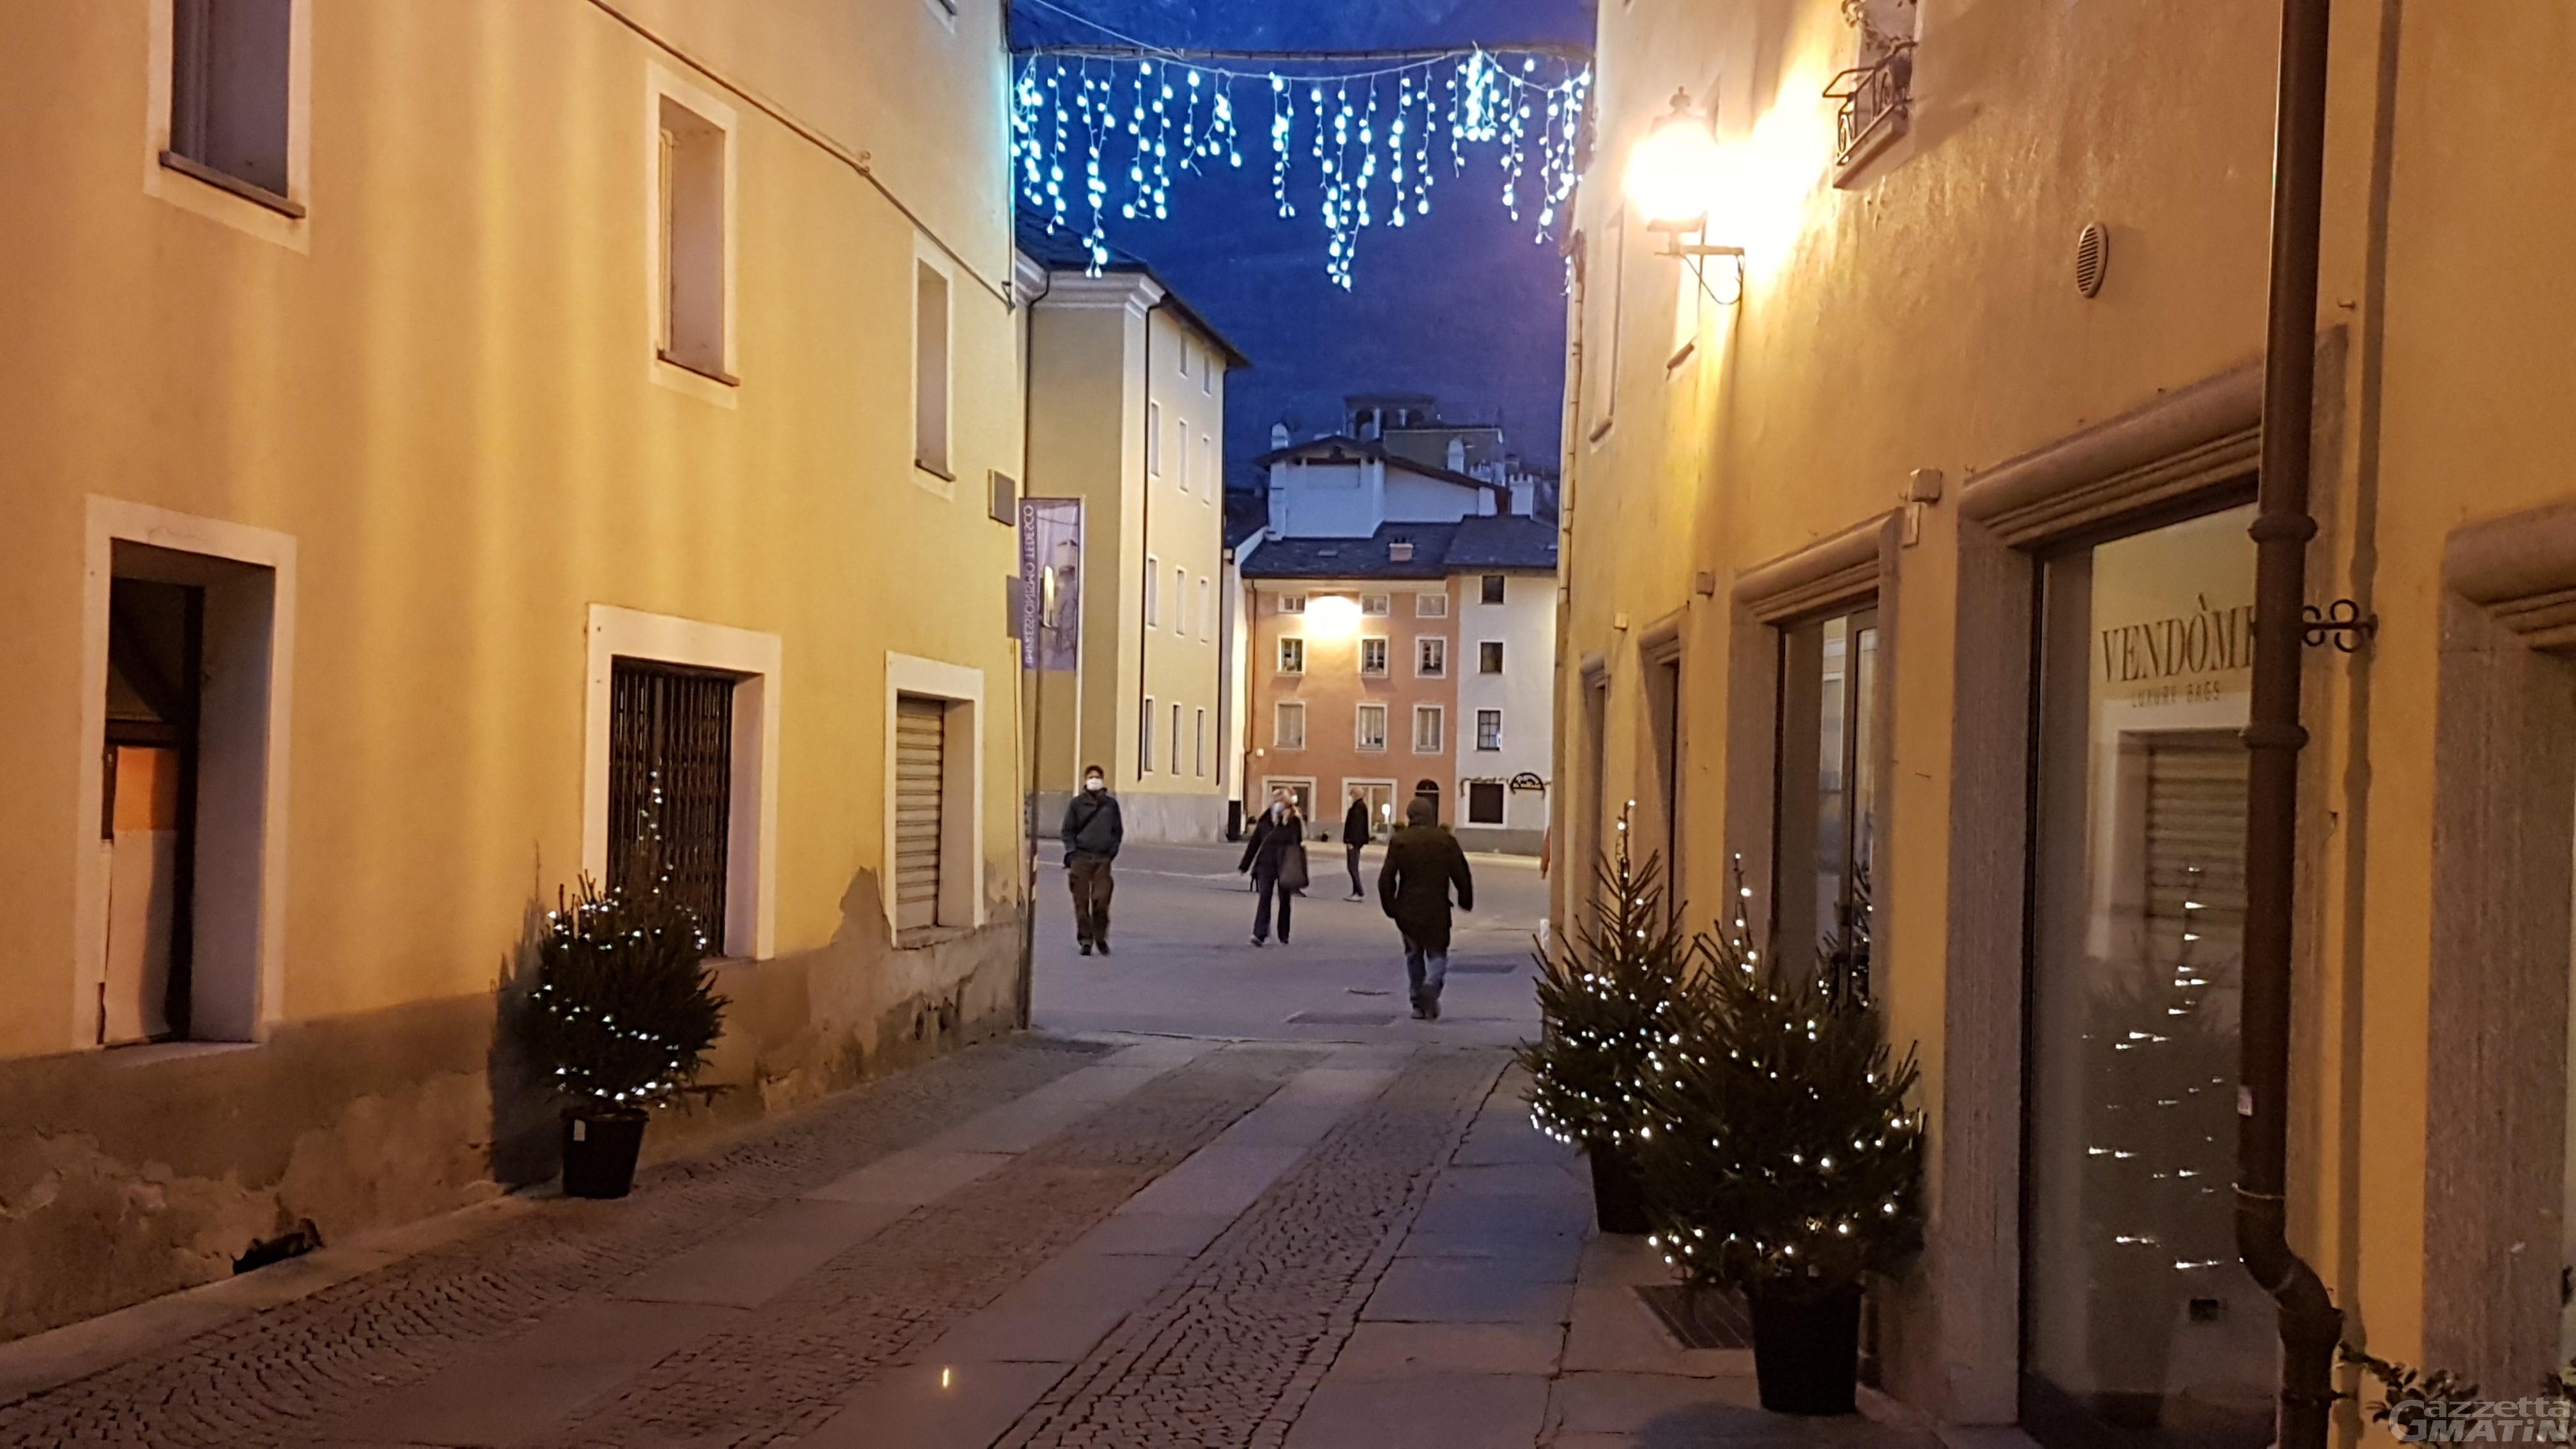 Natale Aosta: 700 alberelli per il centro storico e le vie commerciali